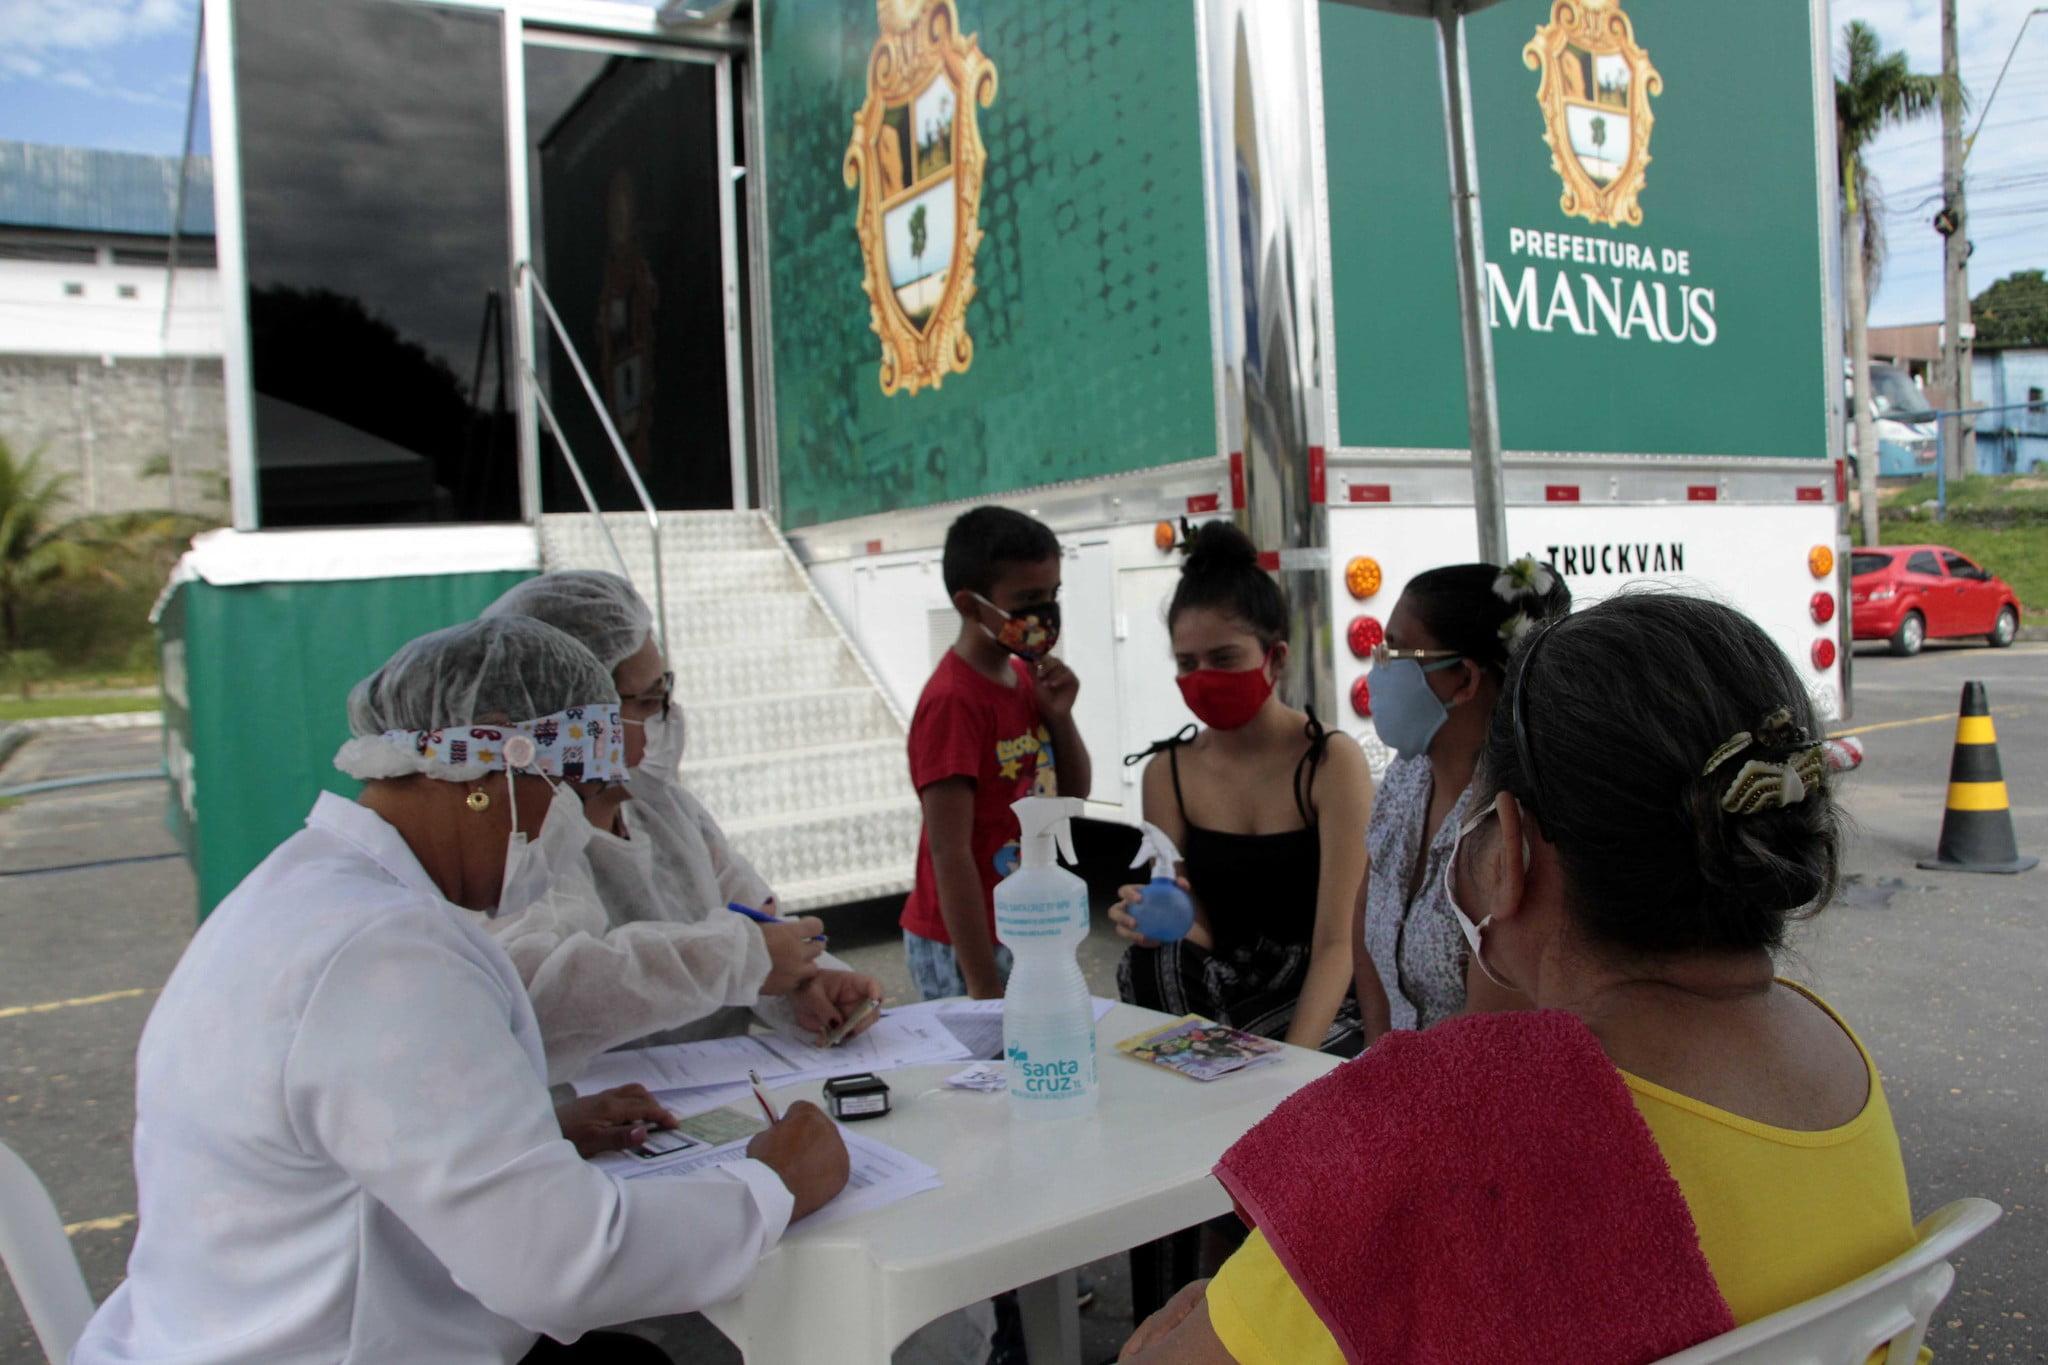 Ação de saúde da Prefeitura de Manaus oferece atendimento a indígenas kokamas